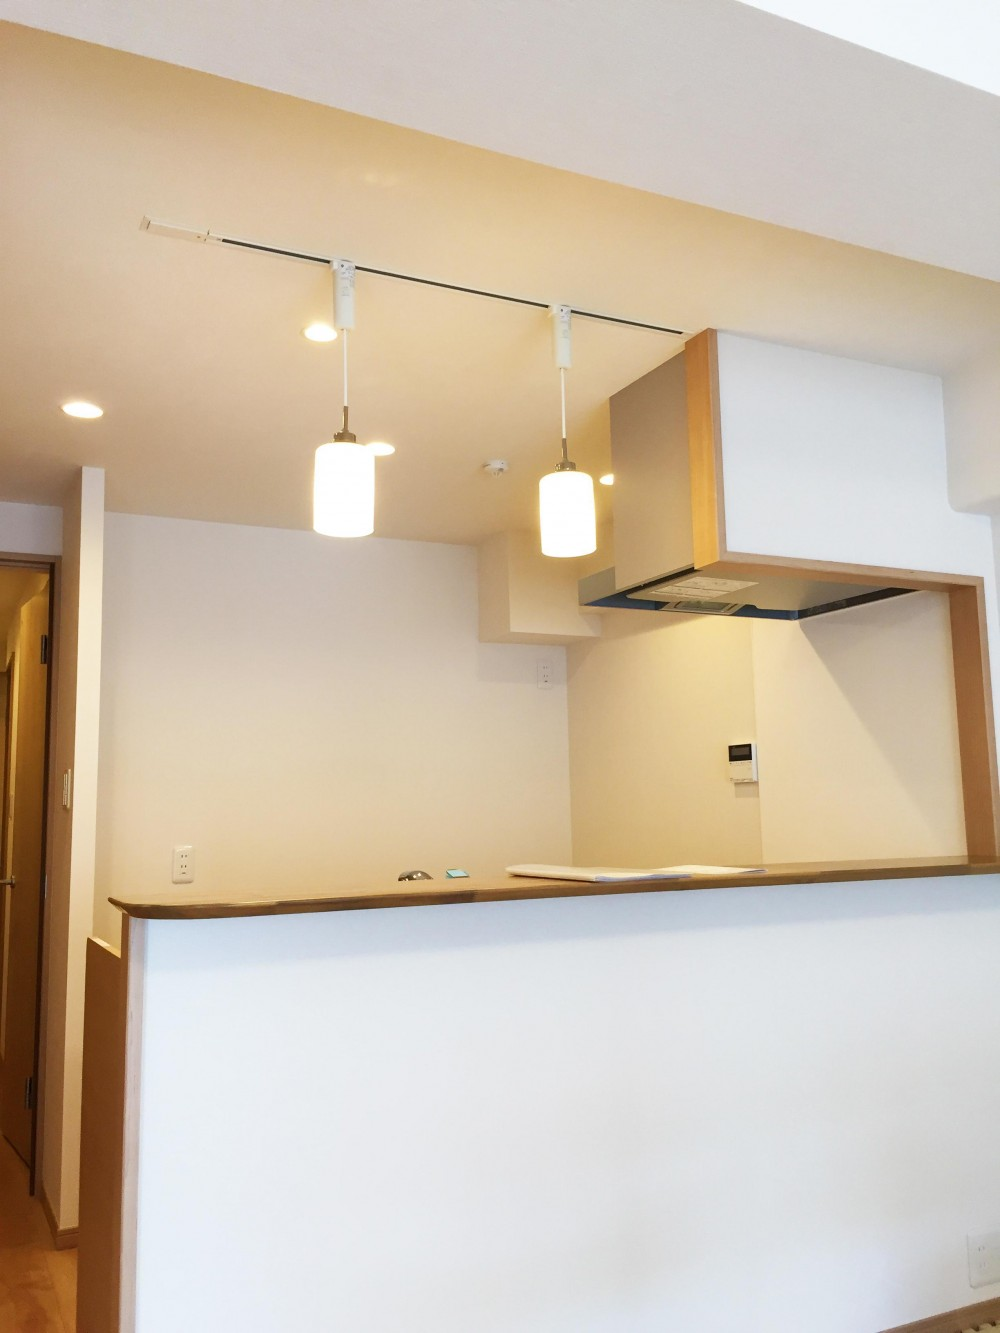 納戸とWIC+クローゼットで約7帖分の収納スペース (ライティングレールのキッチン)